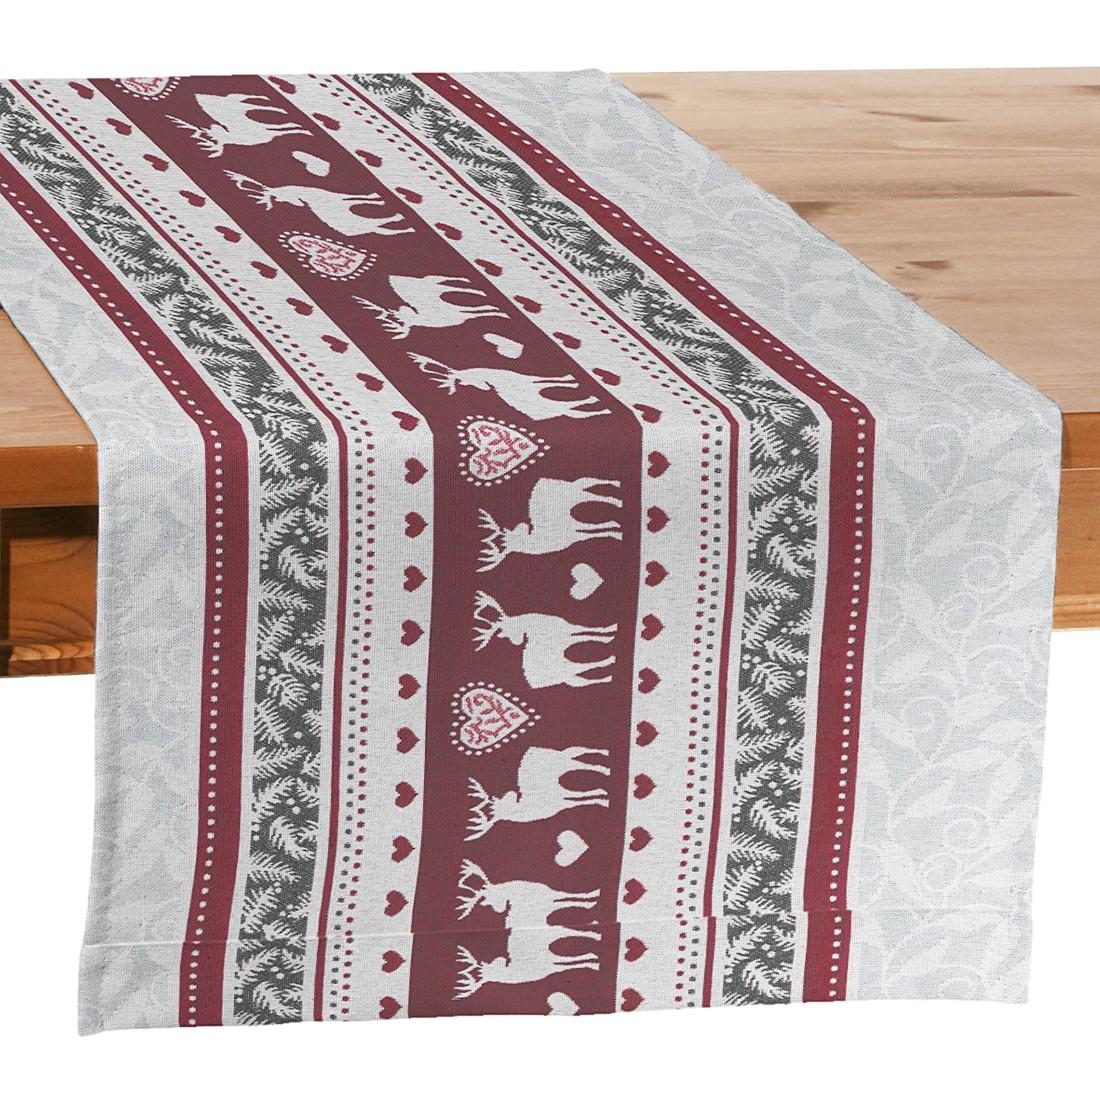 Tischläufer Renntier – Grau / Rot, Dekoria jetzt kaufen